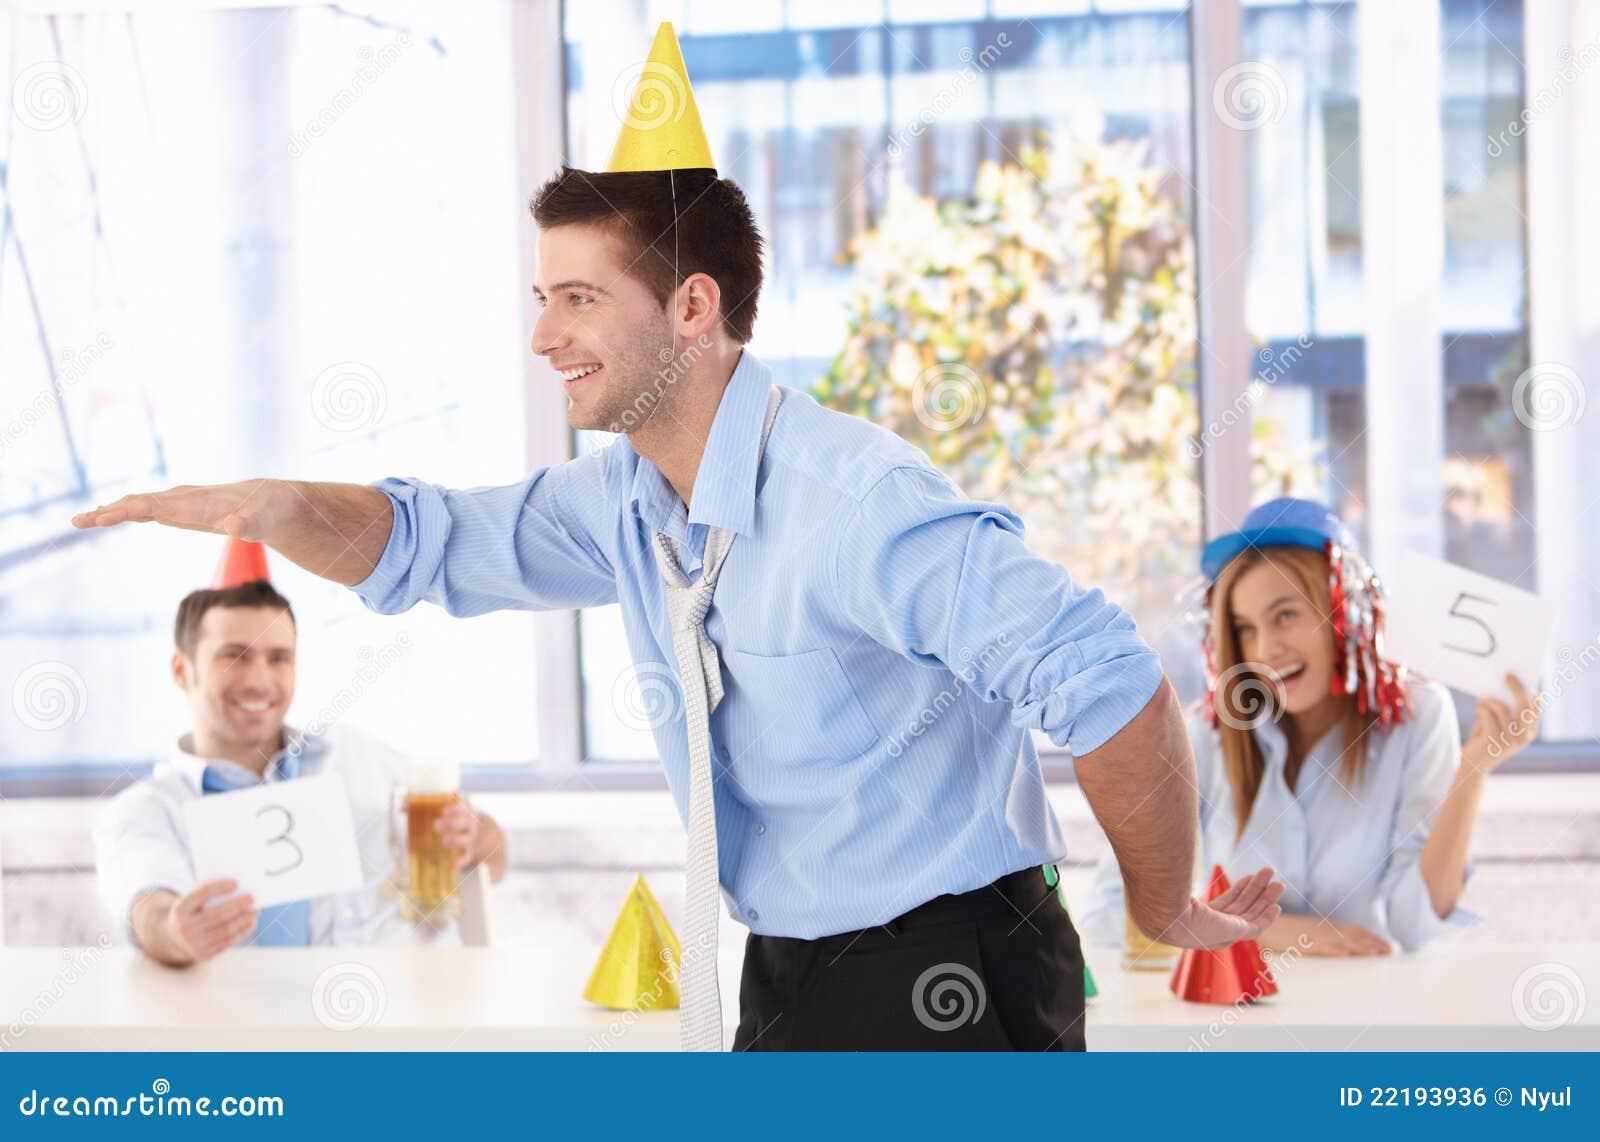 young man having fun at office party royalty stock image young man having fun at office party